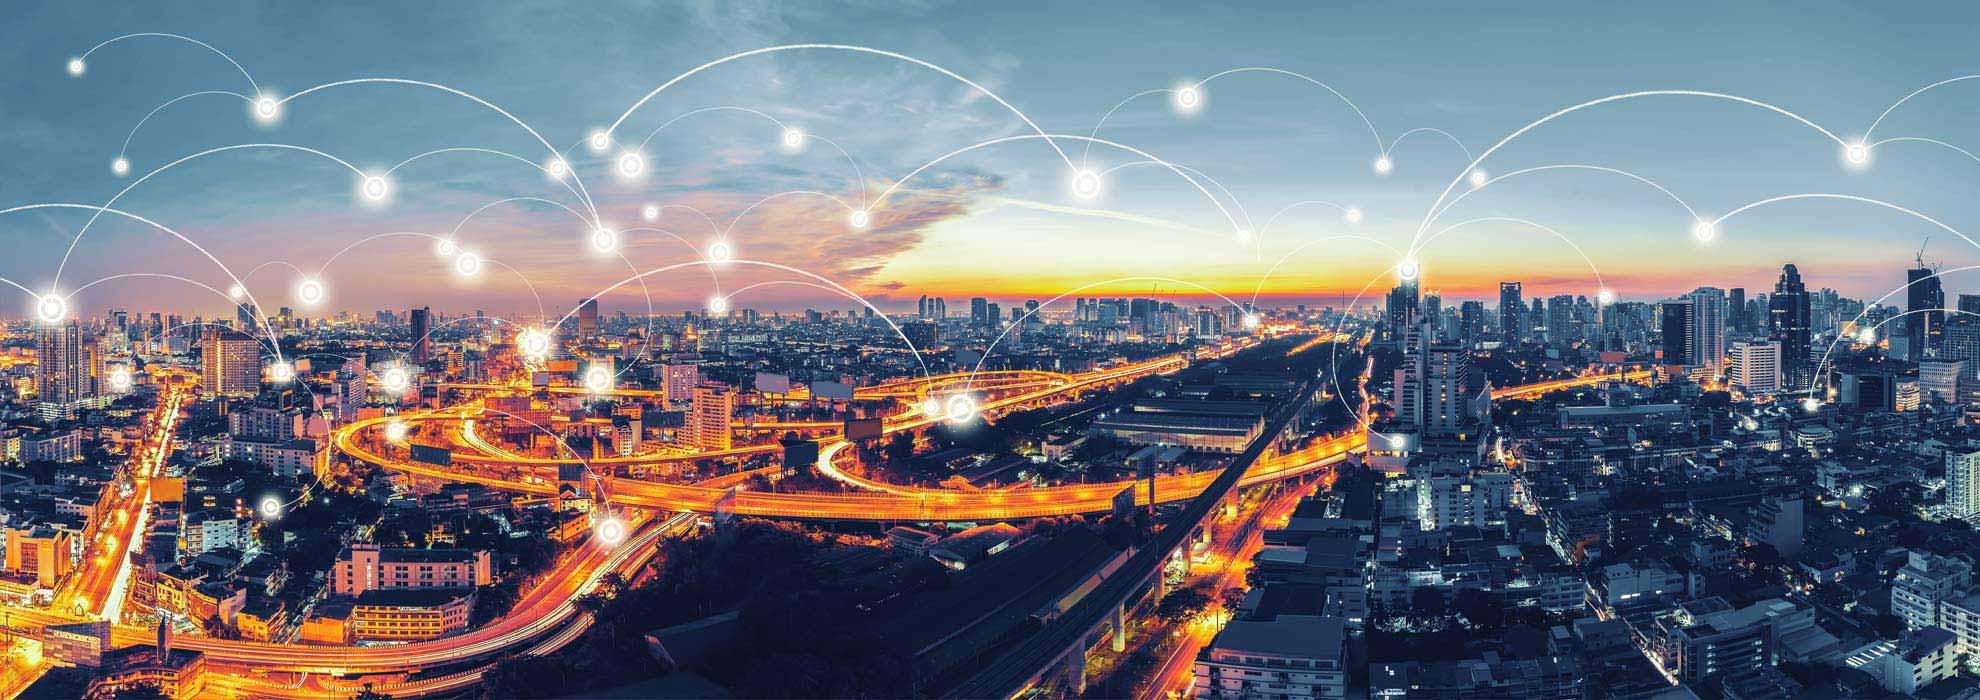 SD WAN Enterprise Network